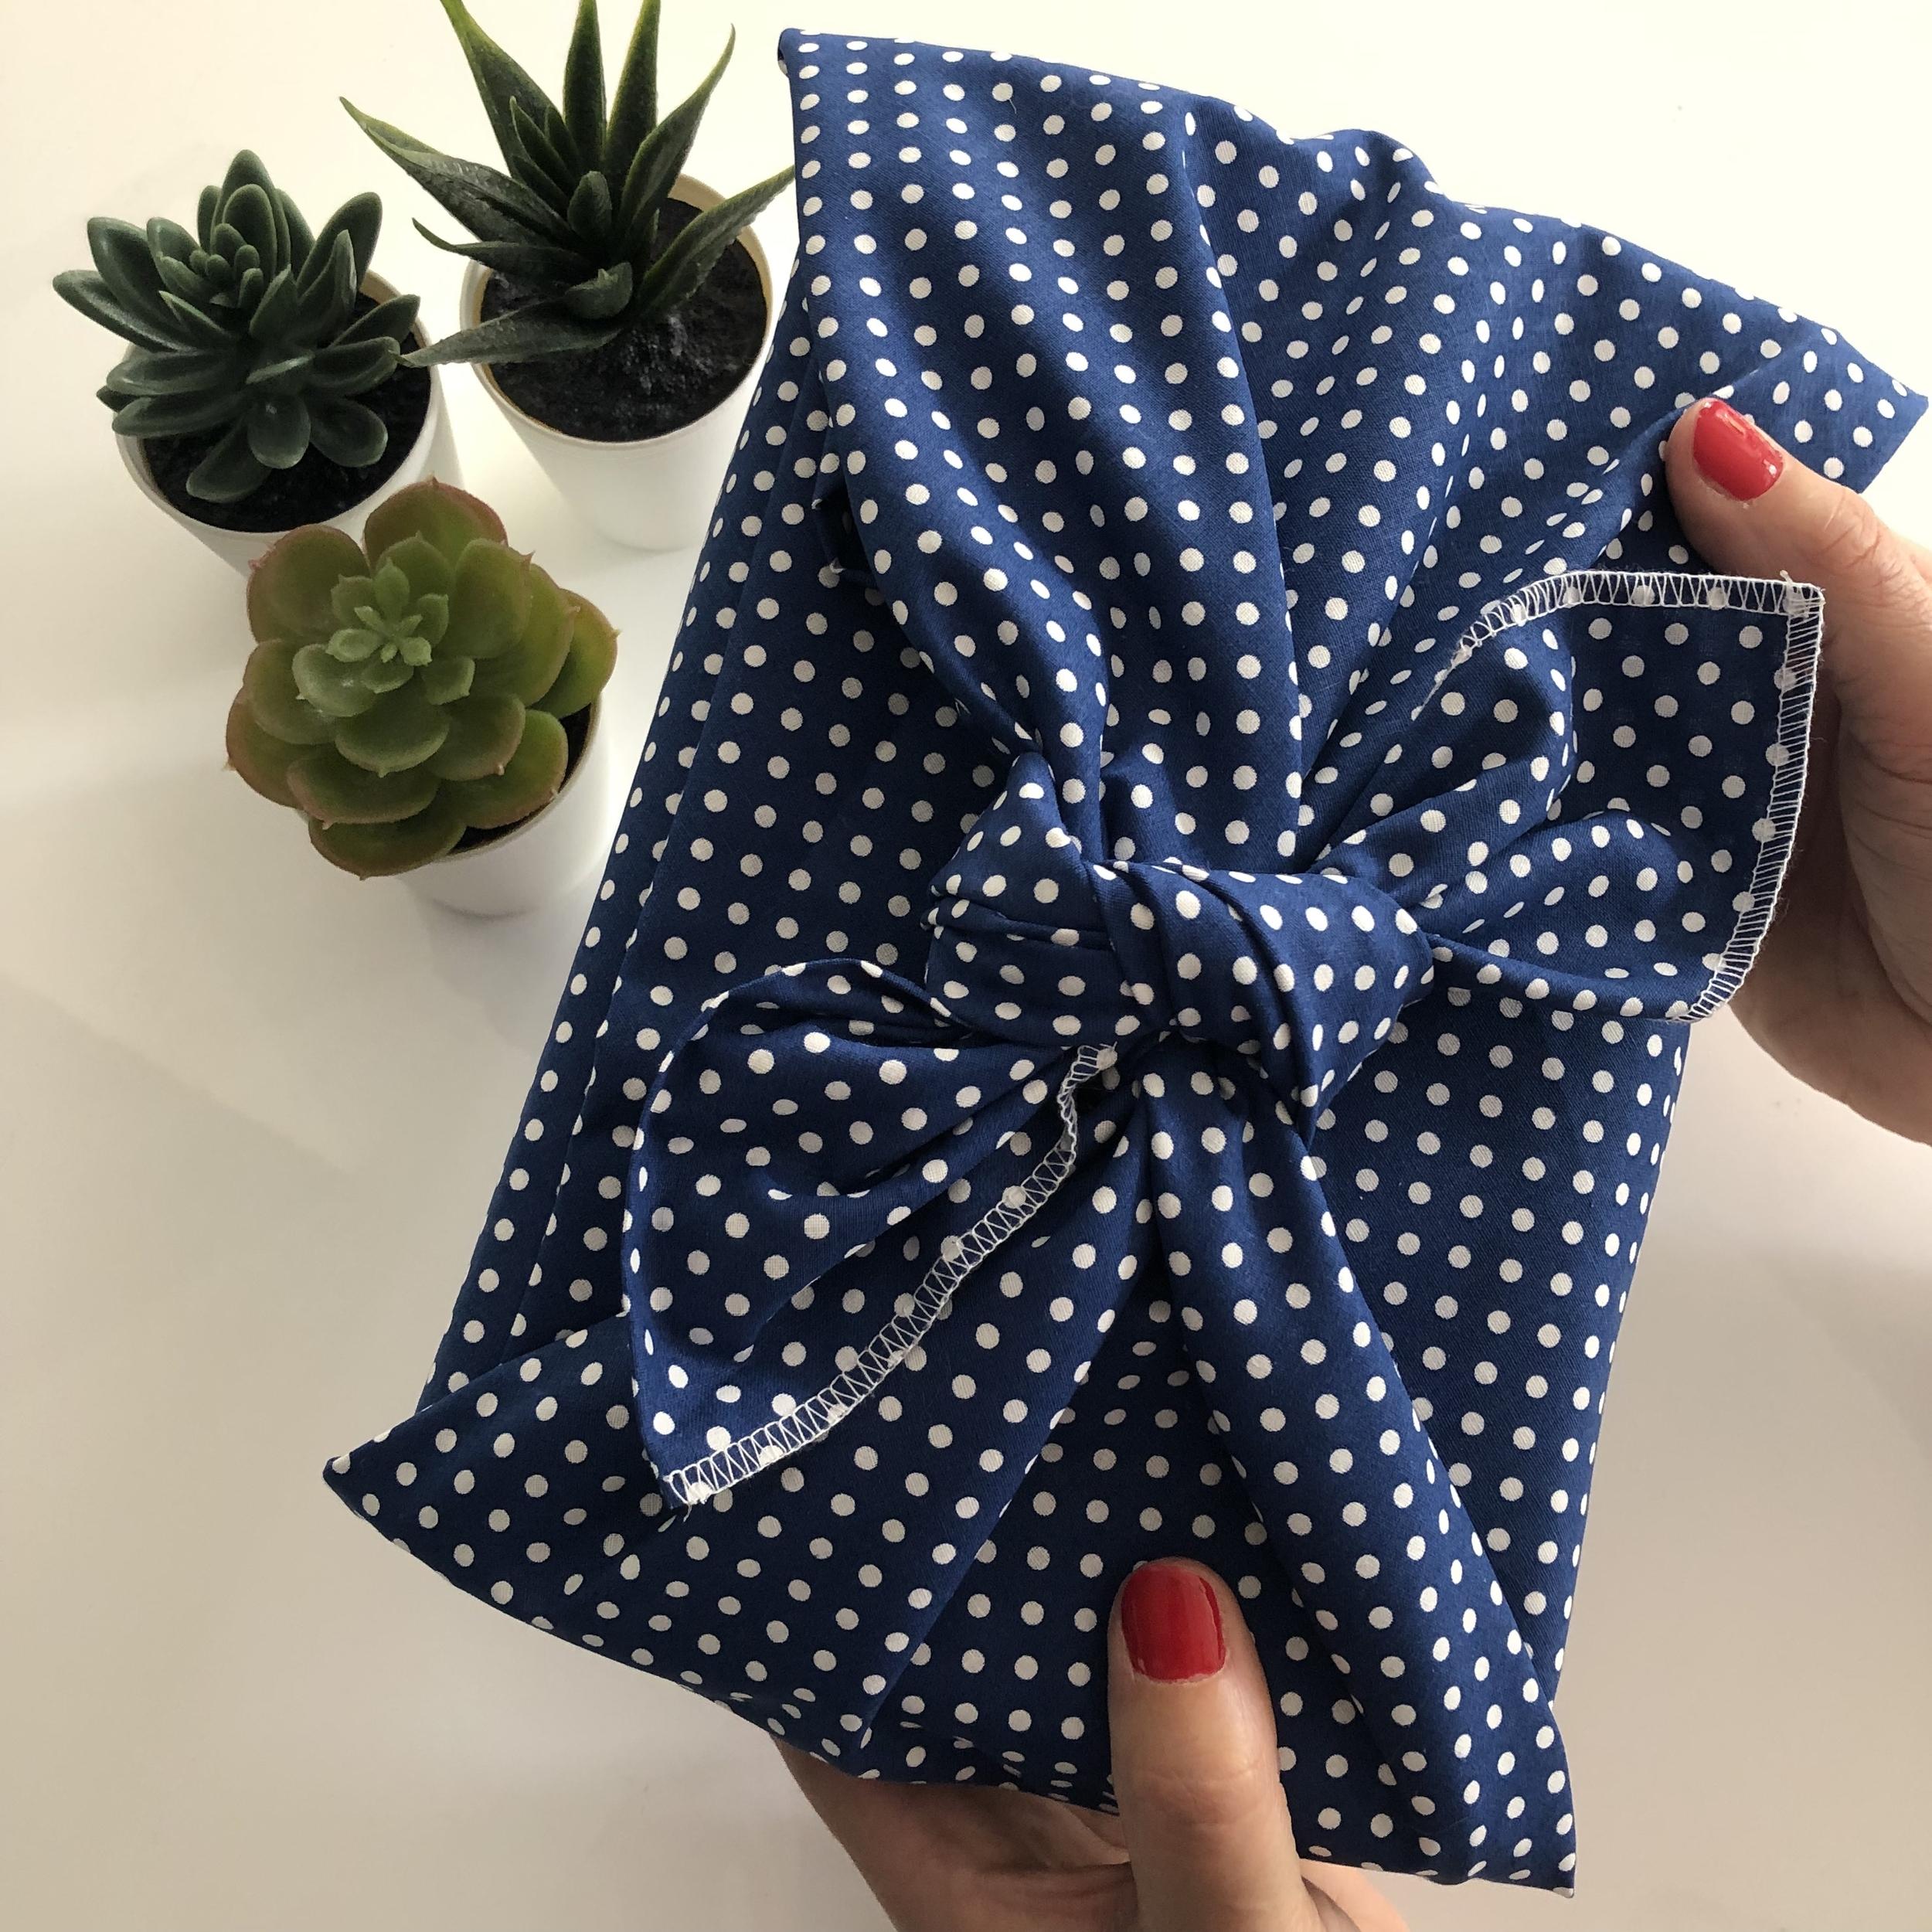 Le Carré Alex Doré - Emballage cadeau réutilisable PERSONNALISABLE